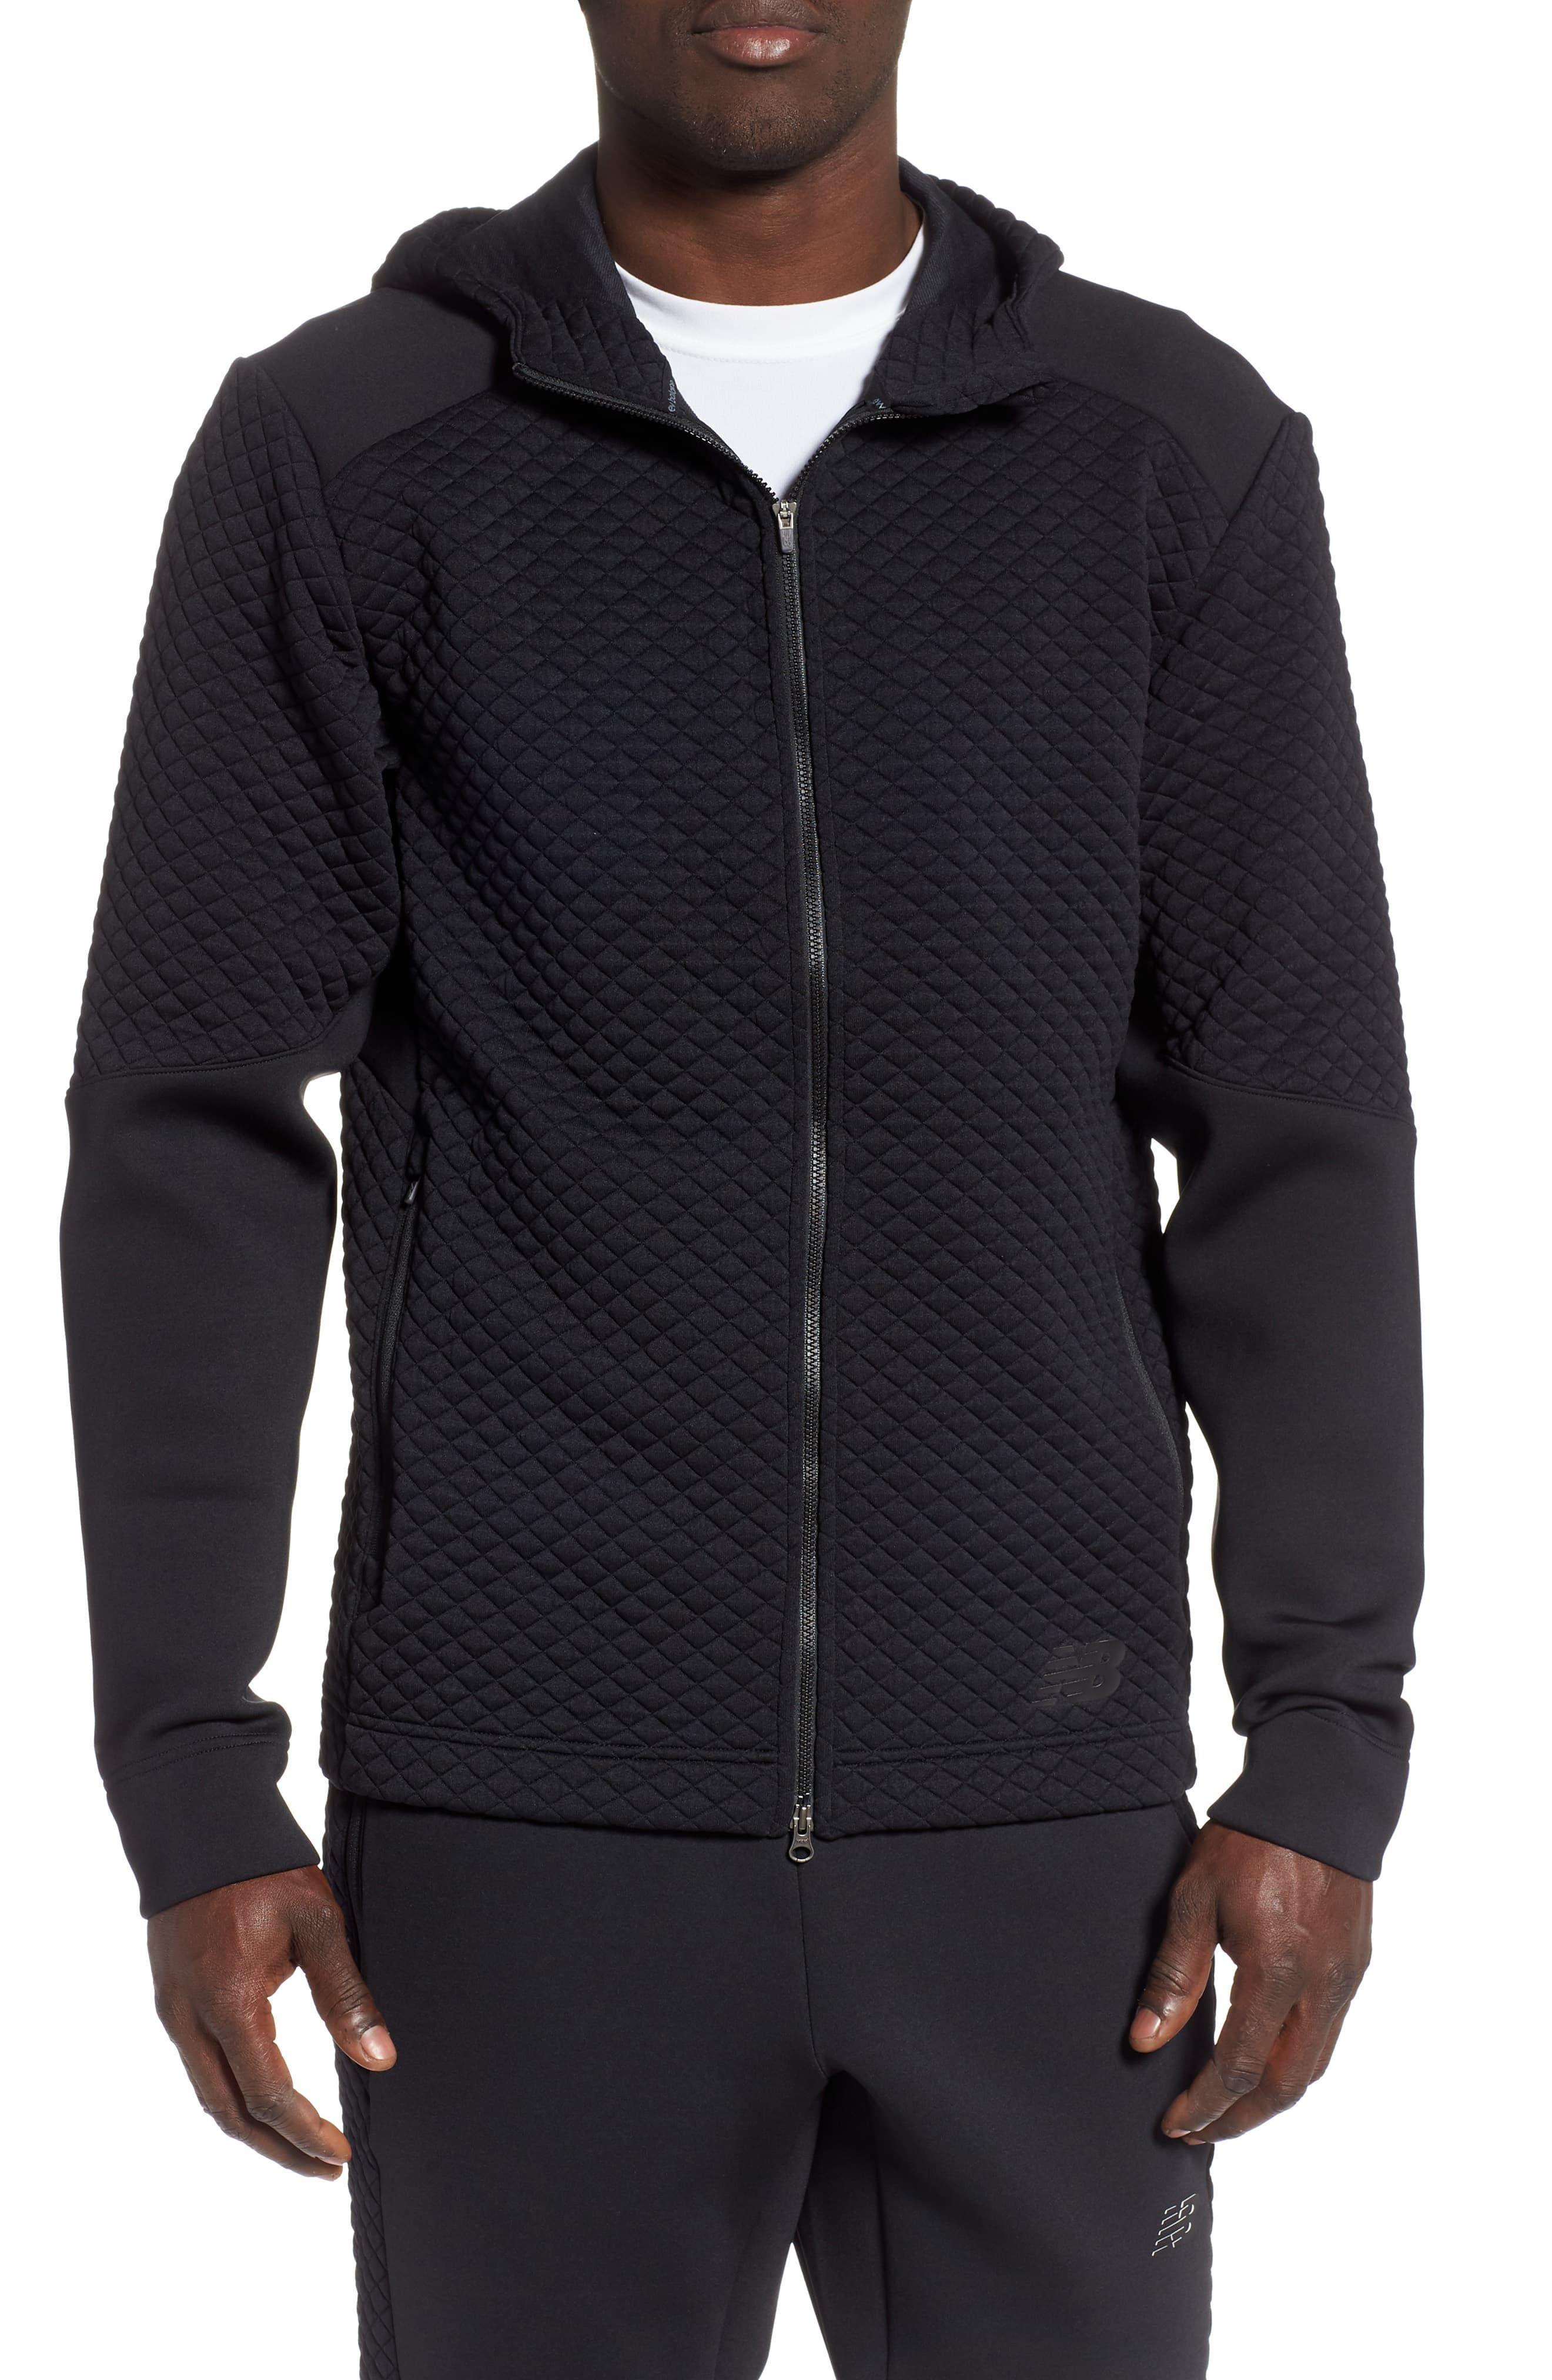 22915dc1a38c0 New Balance Heat Loft Zip Hoodie in 2019   Products   Zip hoodie ...